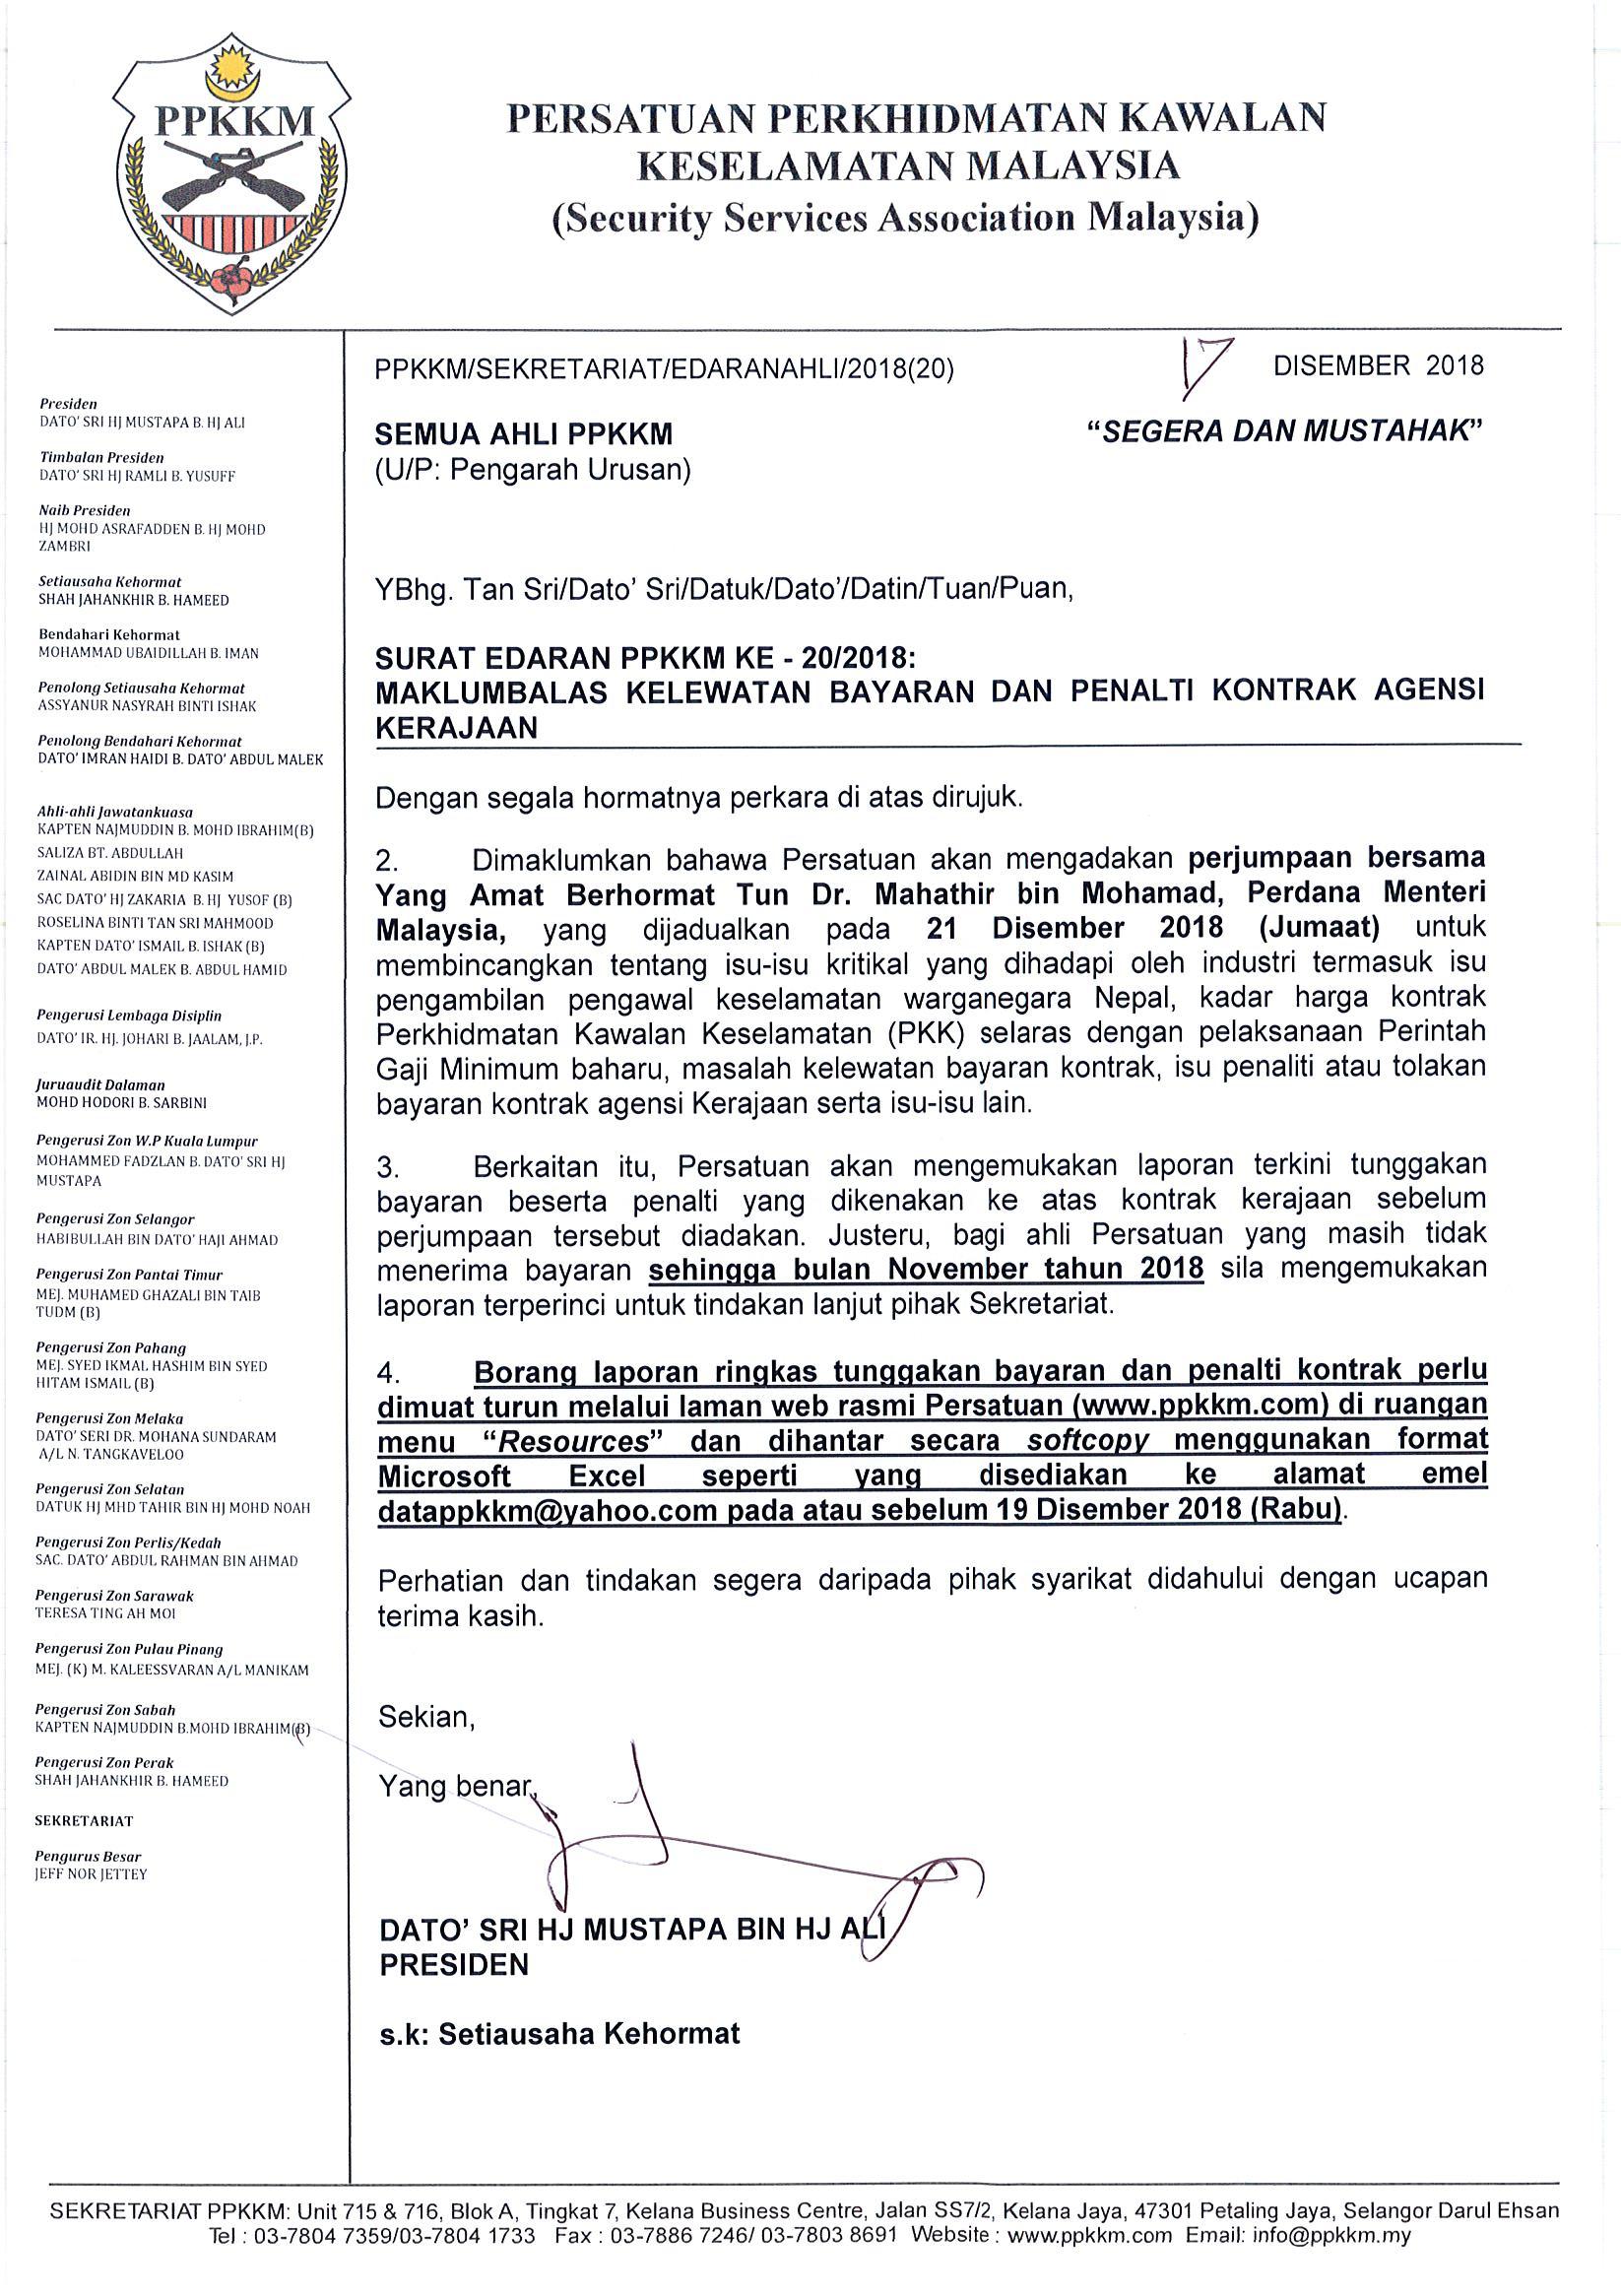 Maklumbalas Kelewatan Dan Tunggakan Bayaran Kontrak Pikm My